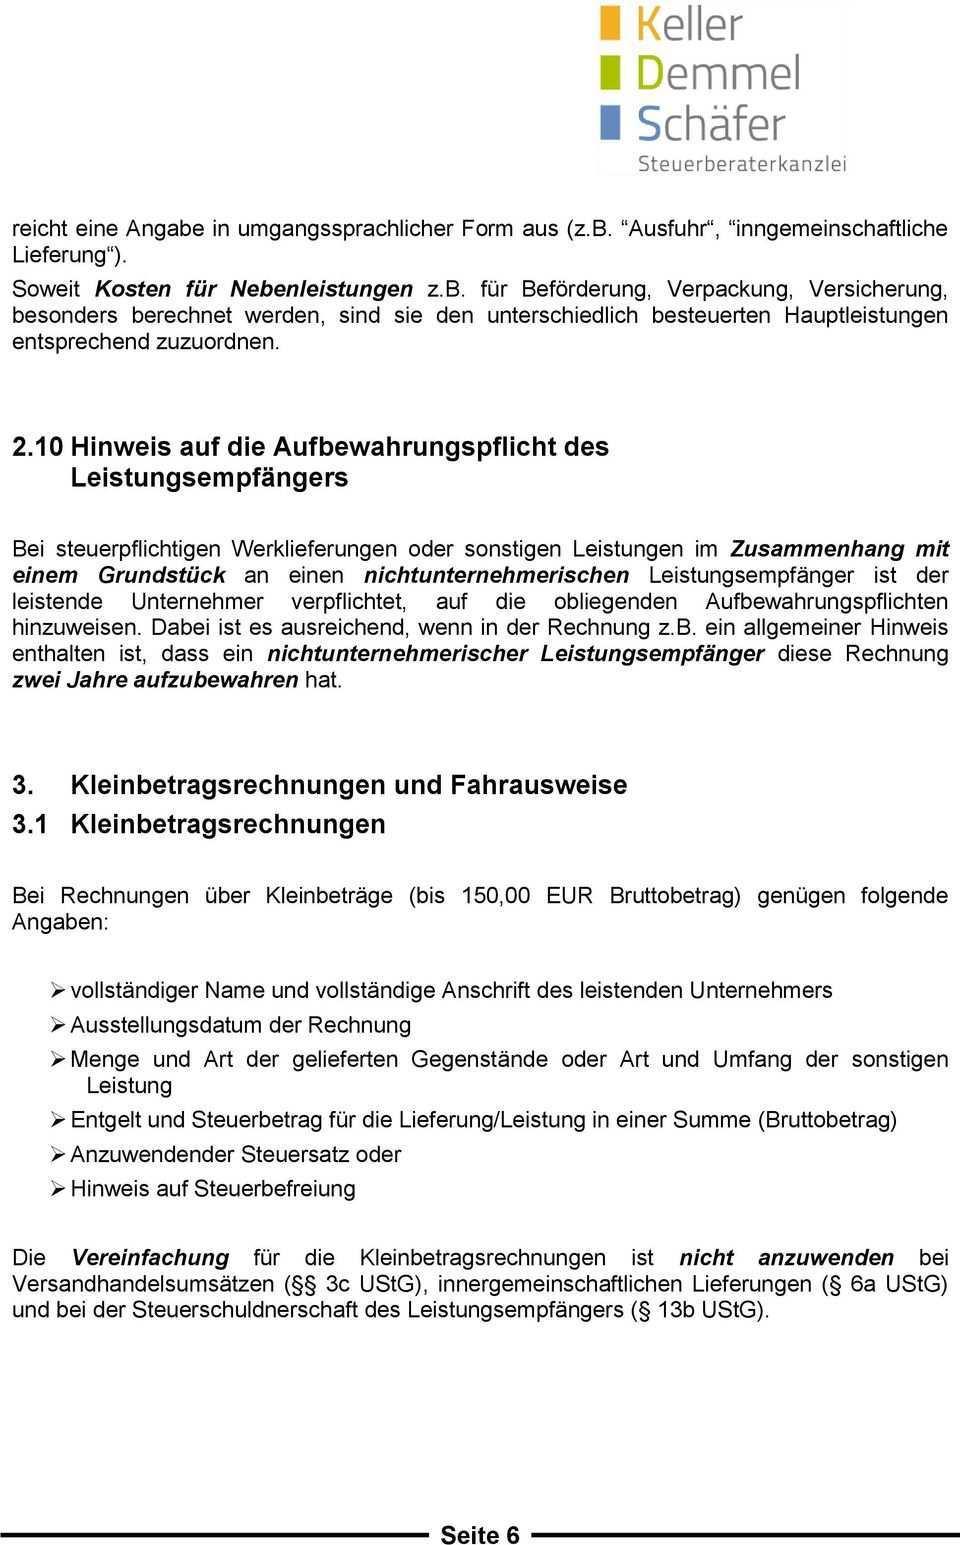 Mandanteninformation Umsatzsteuer Pflichtangaben Rechnungen Pdf Free Download